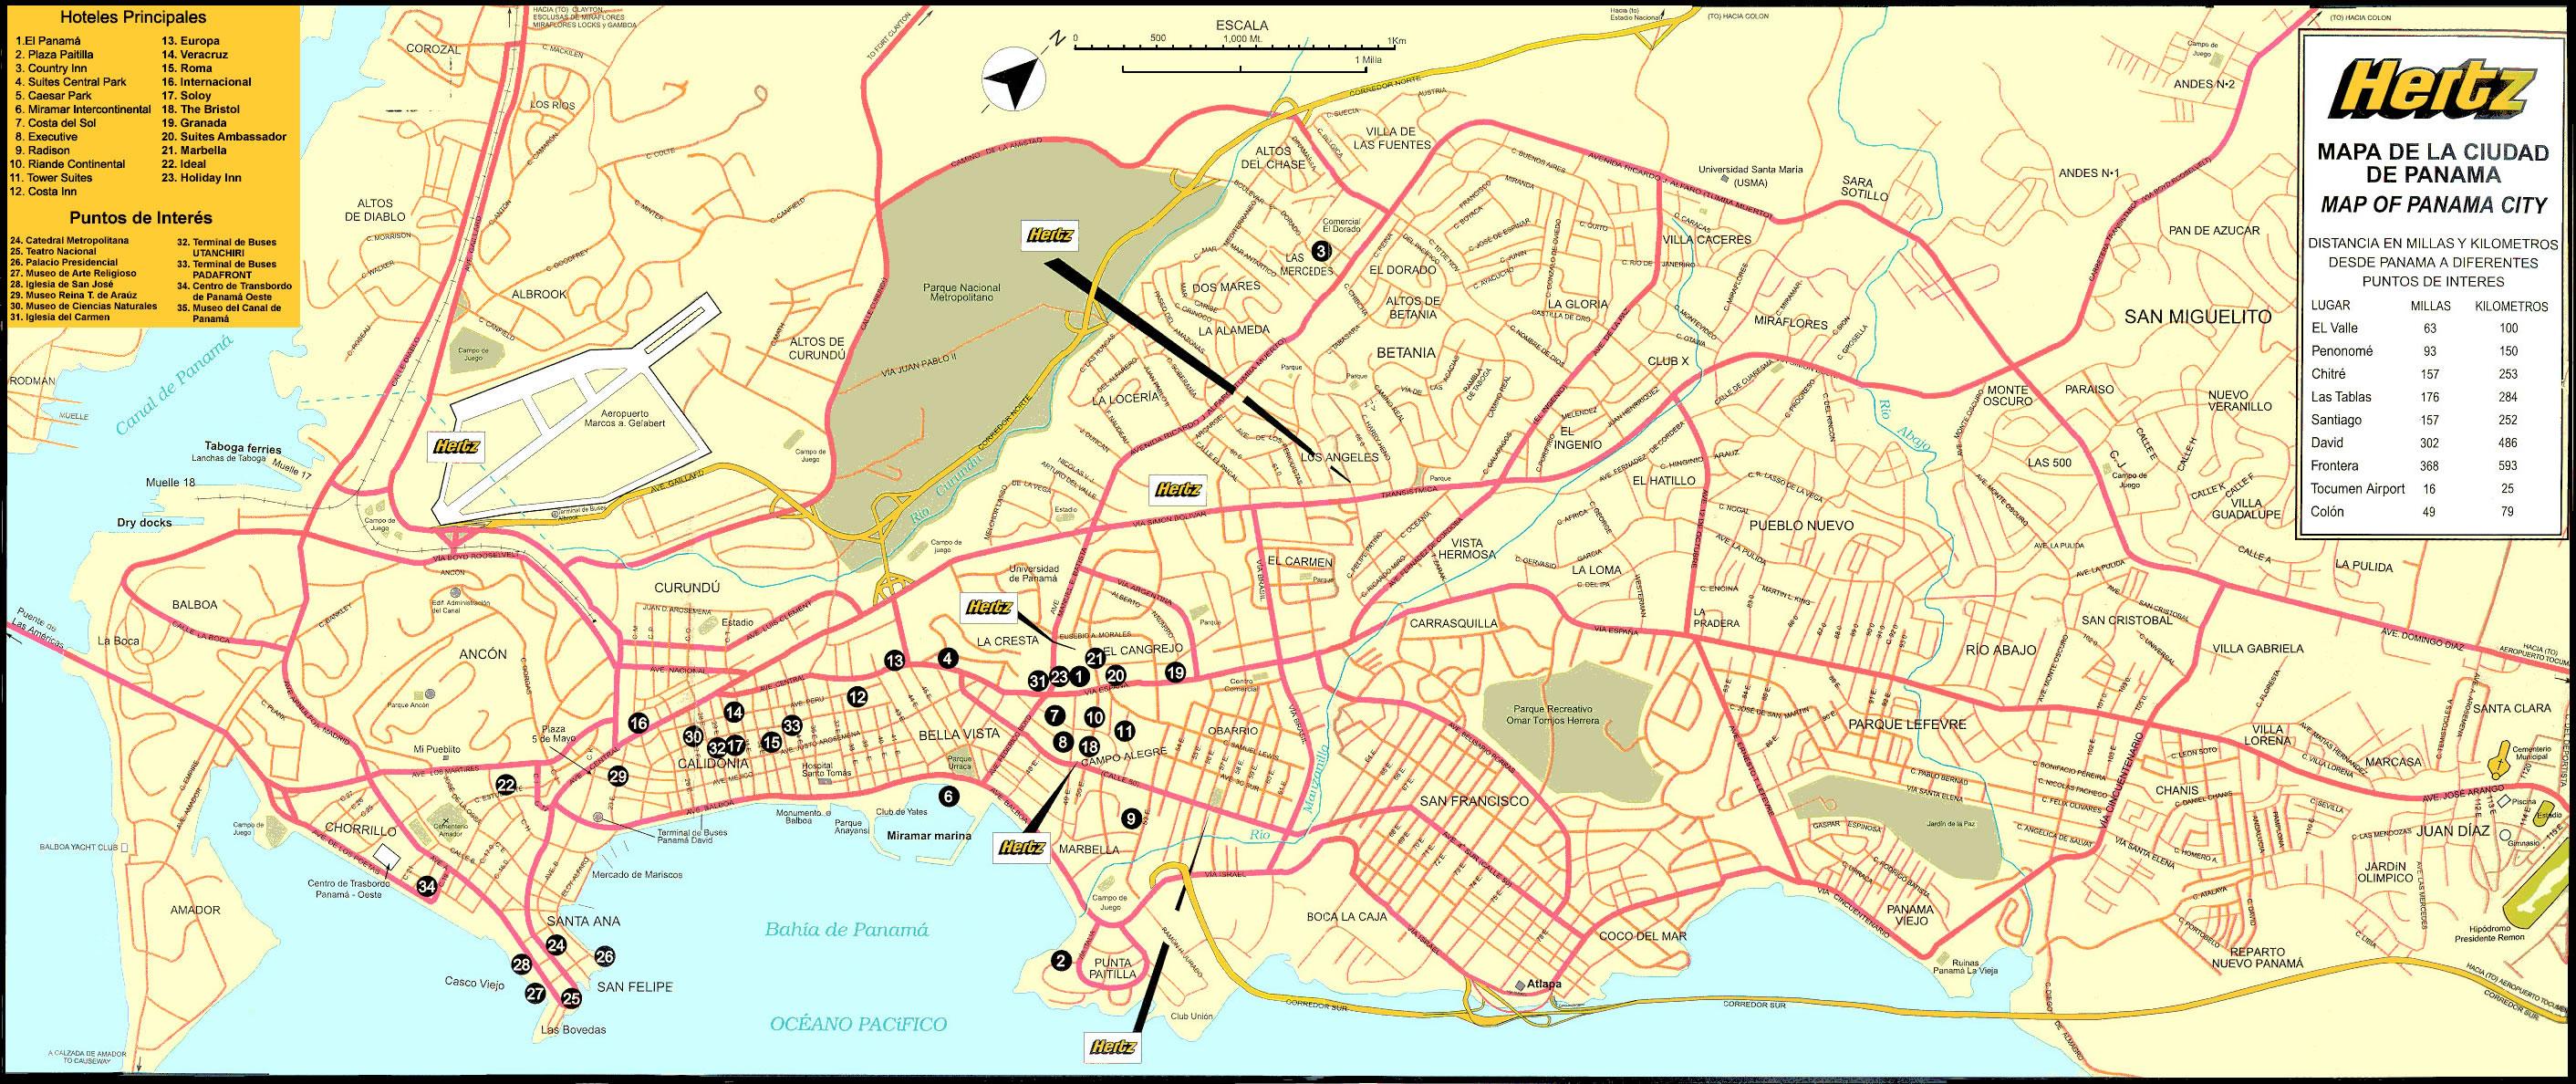 Mapa Interactivo de la Ciudad de Panamá